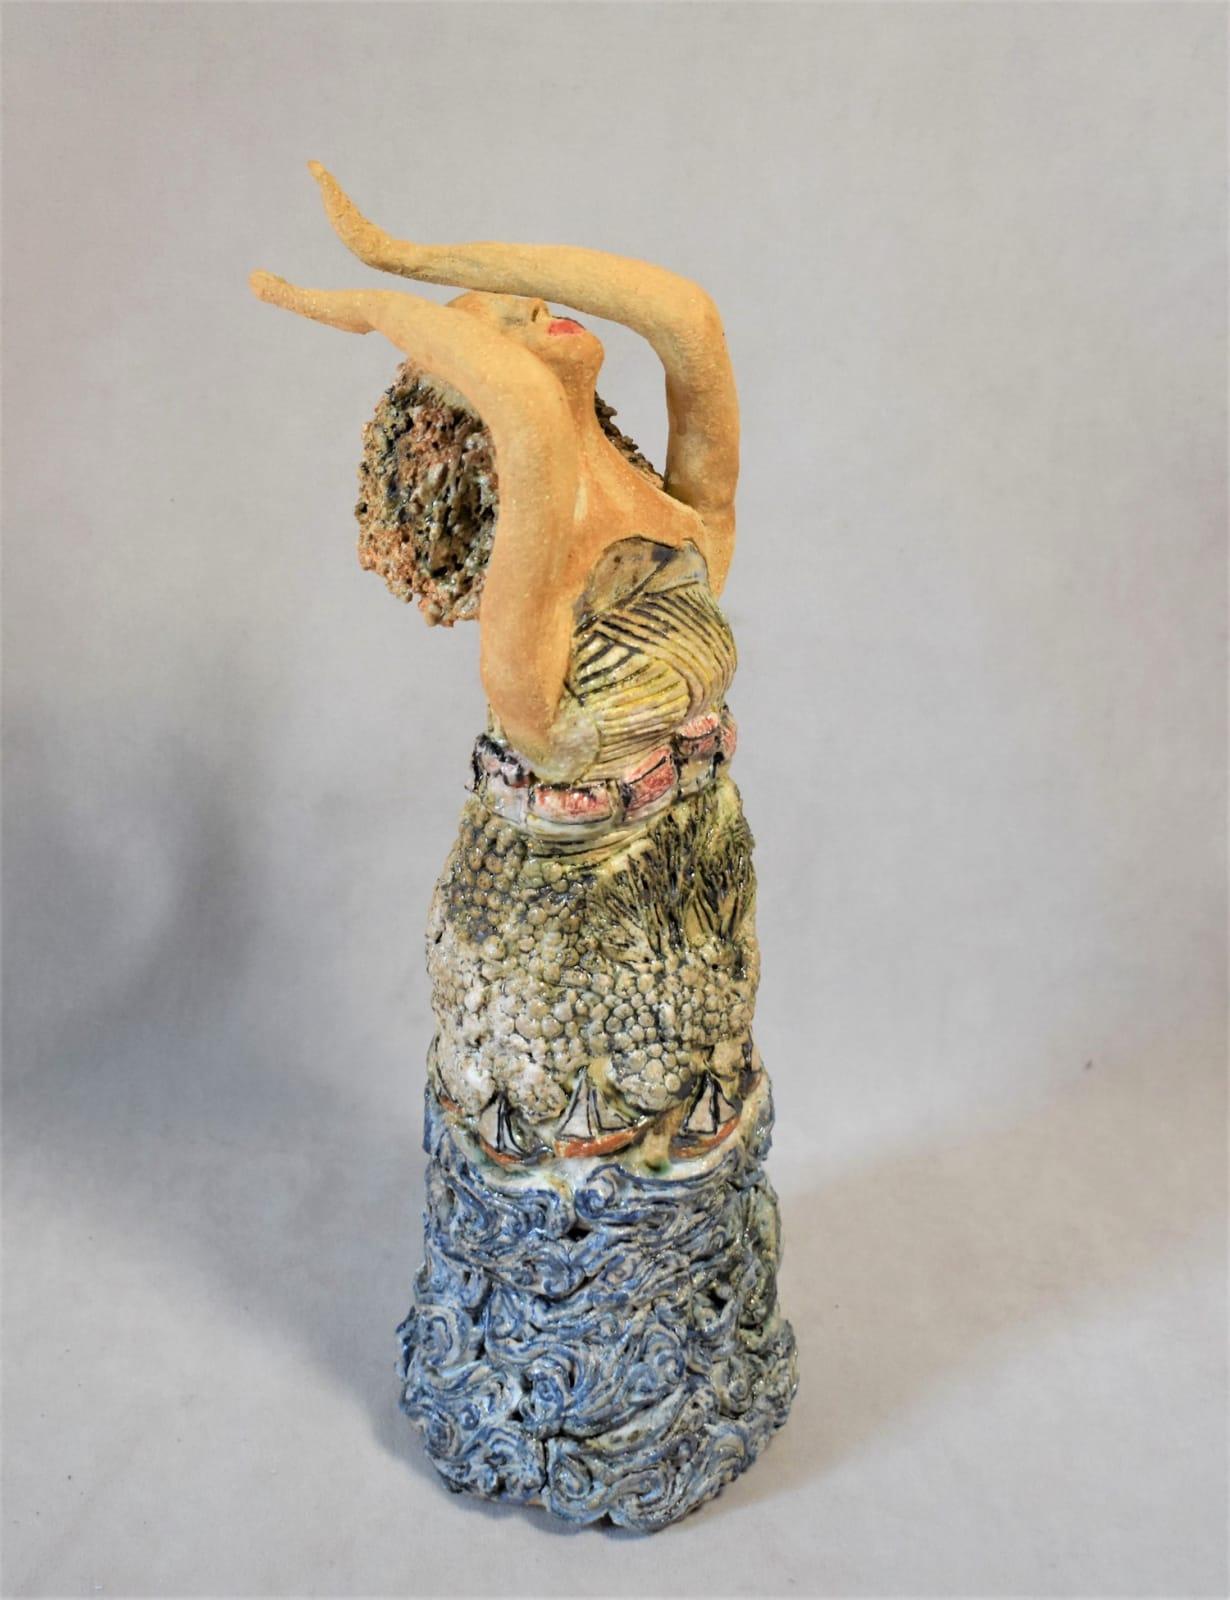 Maralyn Reed-Wood, East Coast Woman